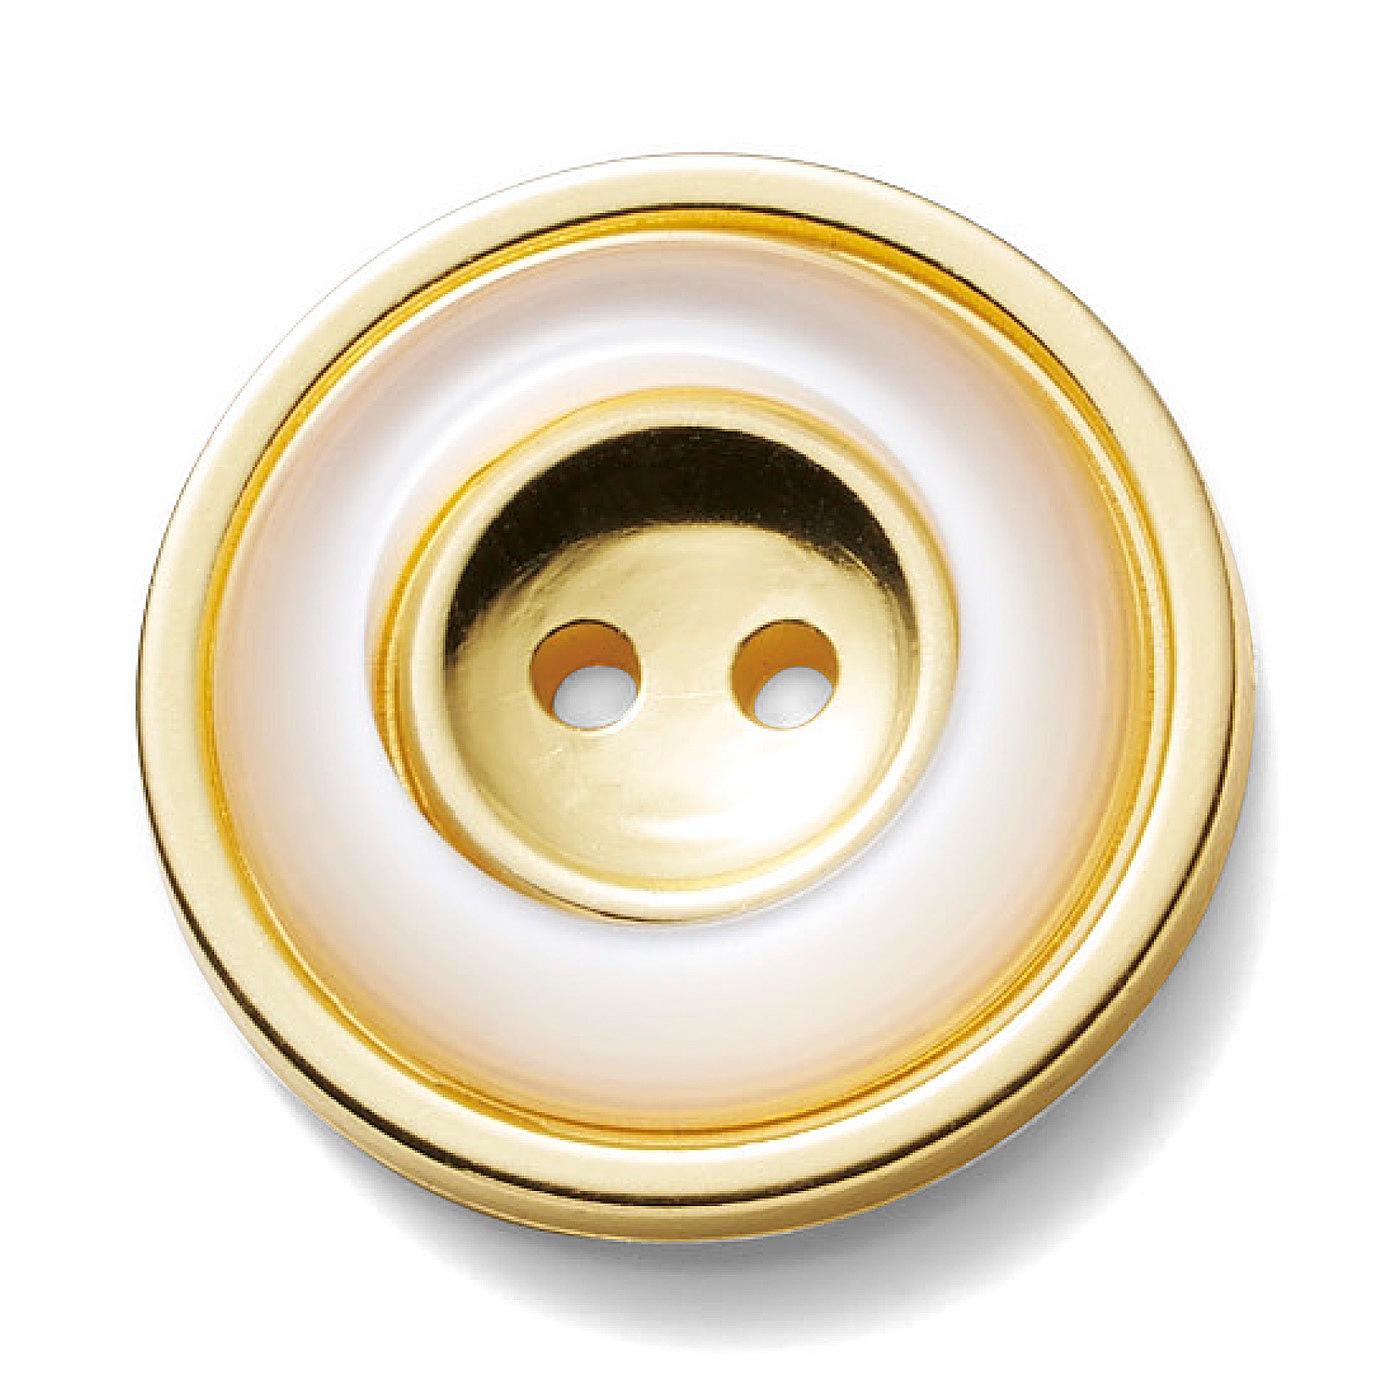 【ポイント2:第一ボタンはアクセサリー感覚で。】衿ぐりにはボタンとダーツのアクセント。ノーカラーでもインナーがチラ見えしない、詰まり具合がいい感じ。